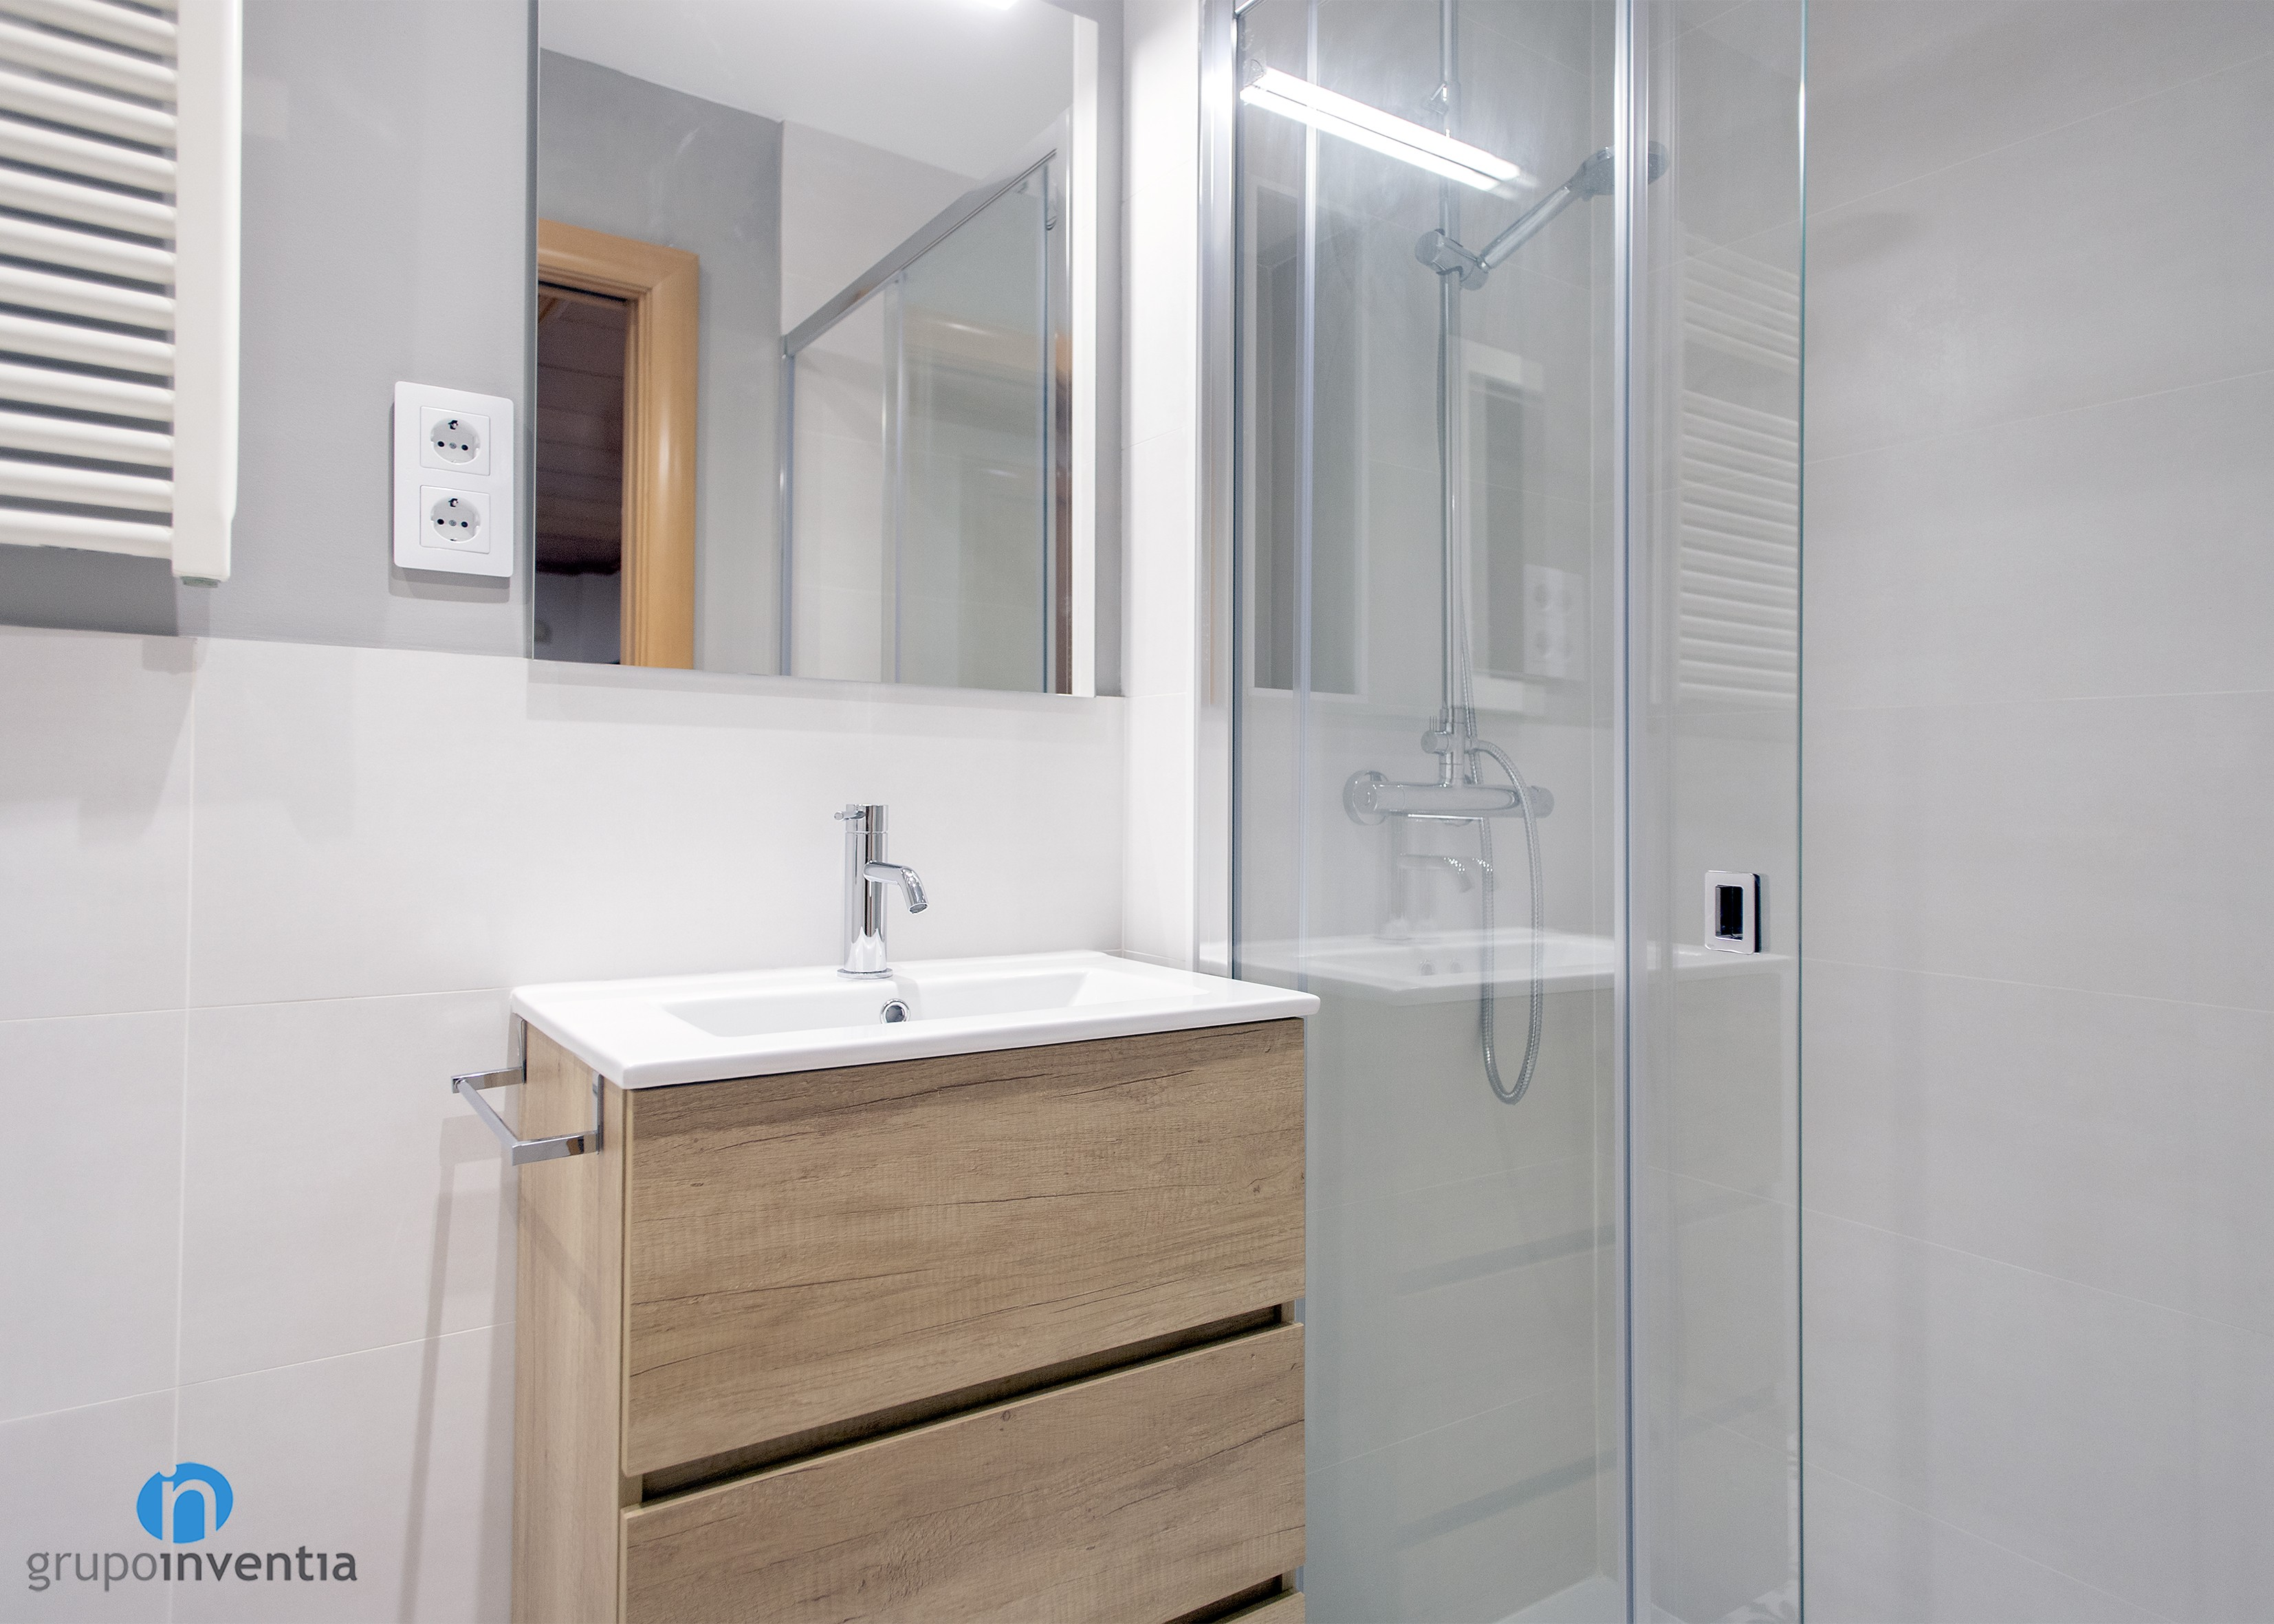 Reforma de baño en L\'Hospitalet de Llobregat - Grupo Inventia